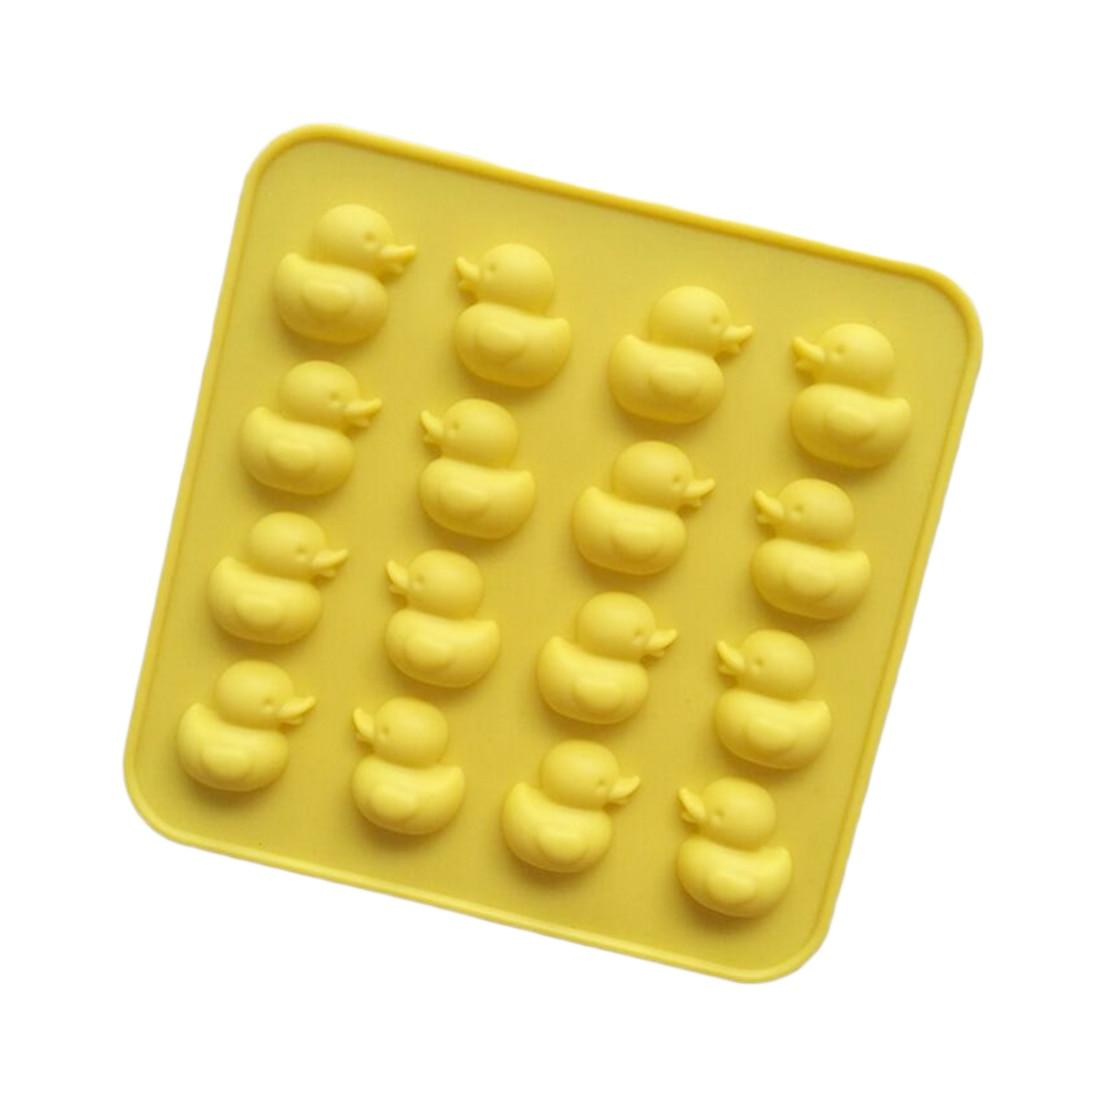 판매 16 귀여운 오리 실리콘 몰드 diy 초콜릿 아이스 비스킷 사탕 금형